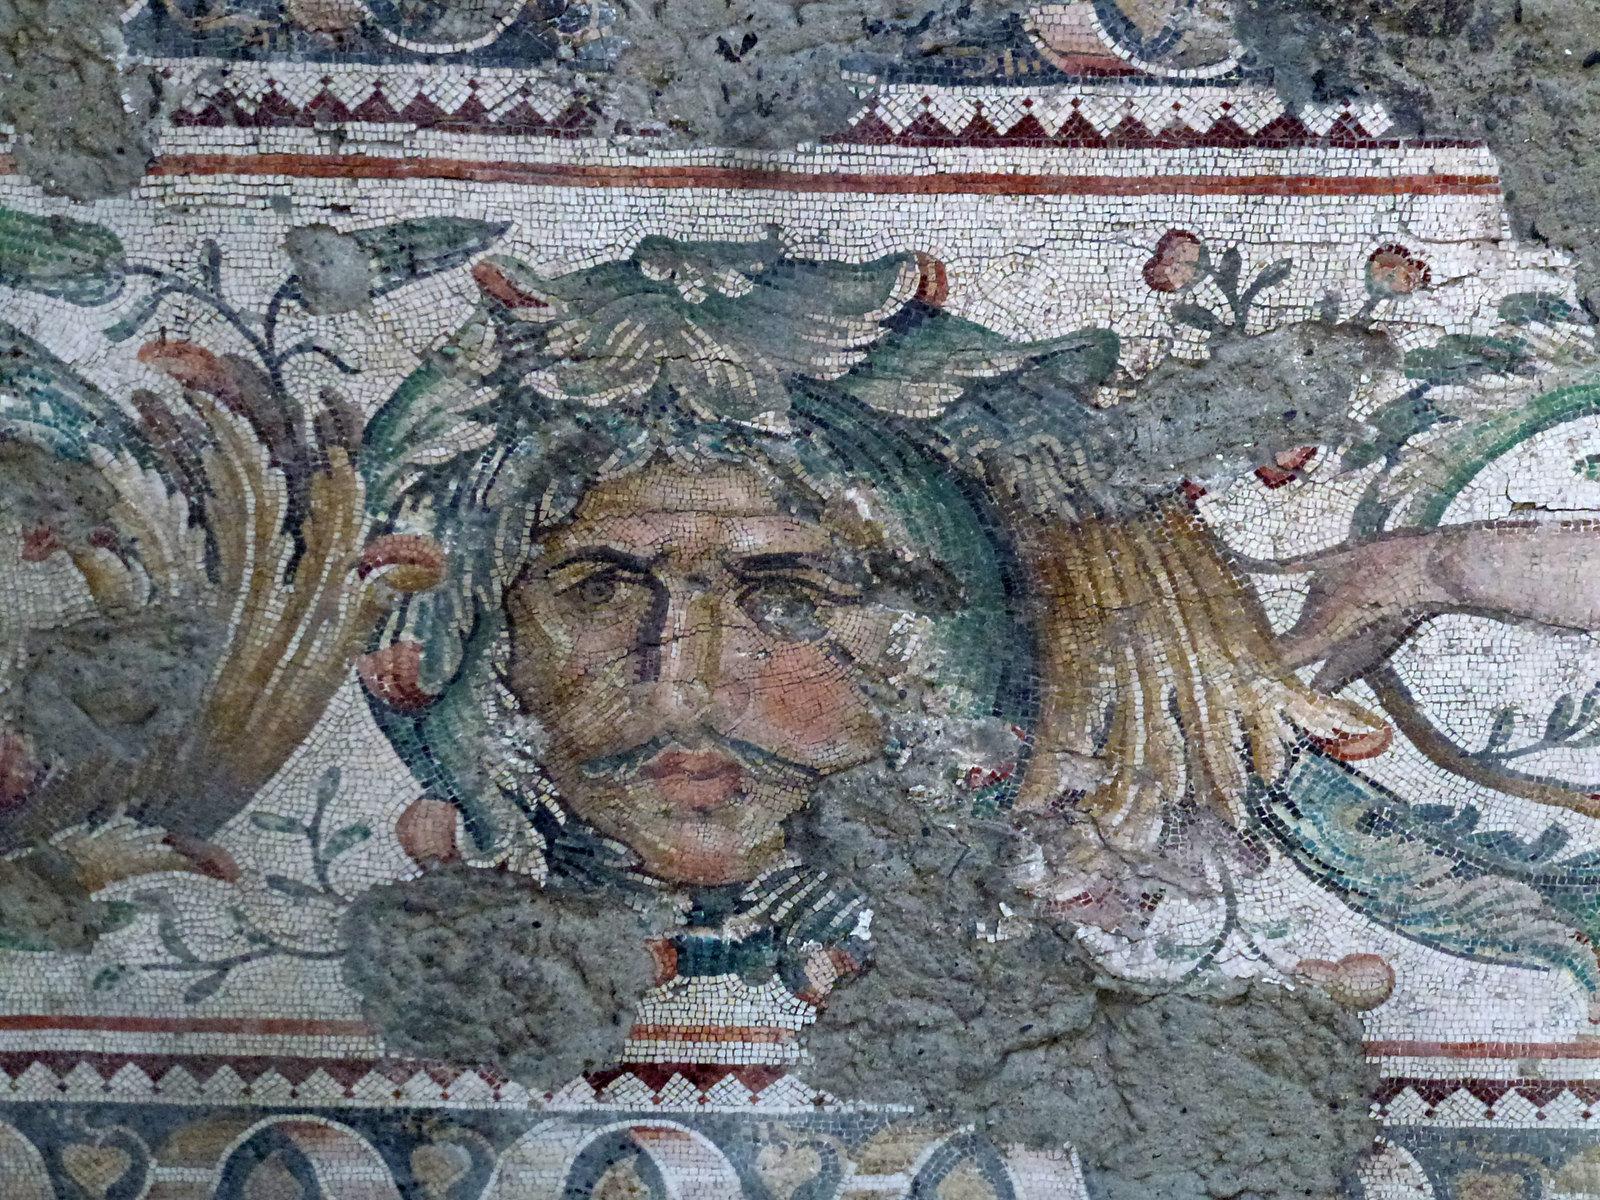 Turquie - jour 24 - Derniers instants à Istanbul - 67 - Musée des mosaïques du Grand Palais de Constantin - Büyük Saray Mozaikleri Müzesi